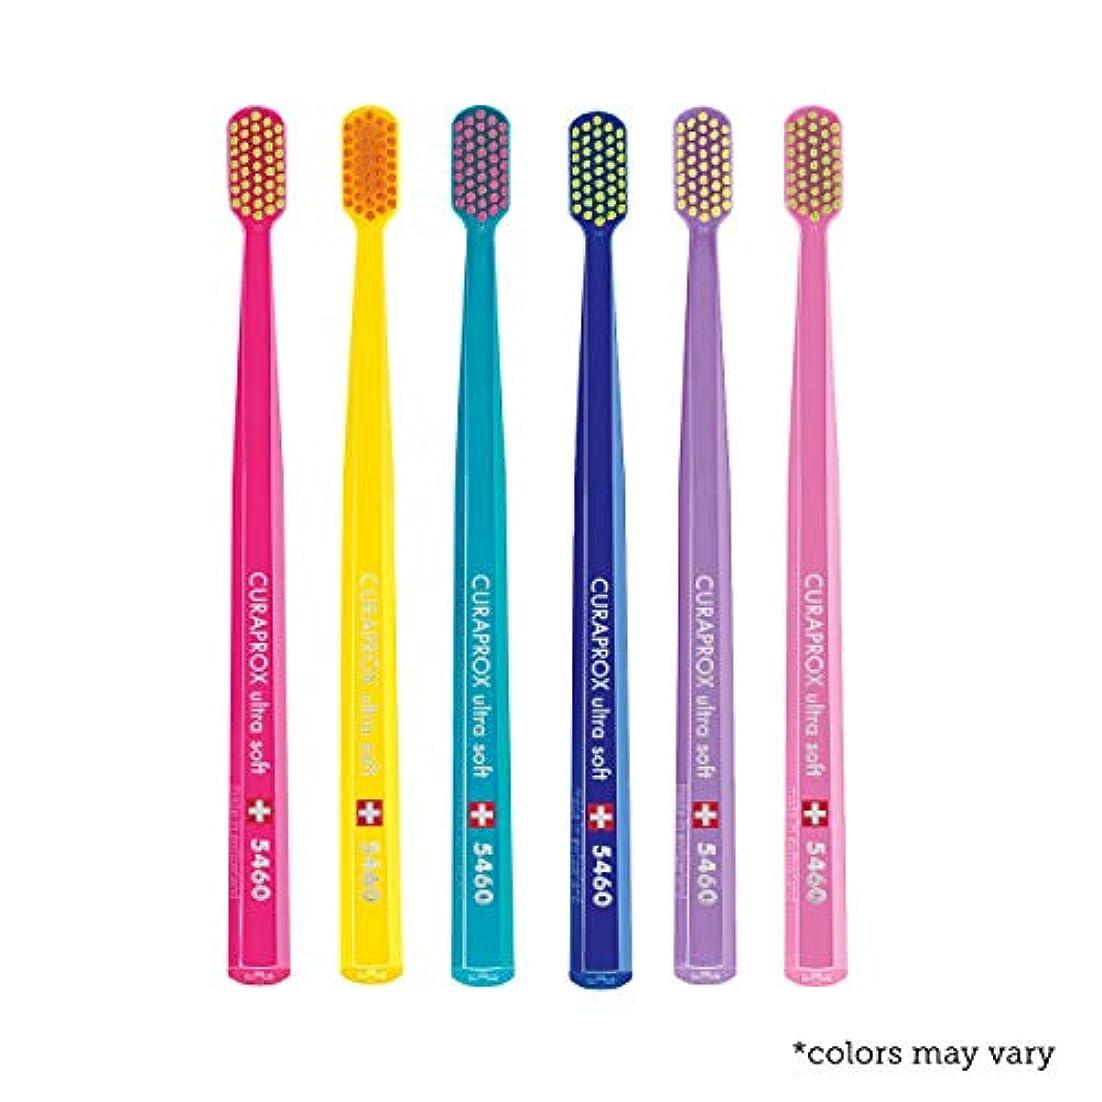 コットン値下げ繁栄Ultra soft toothbrush, 6 brushes, Curaprox Ultra Soft 5460. Softer feeling & better cleaning, in amazing vivid...